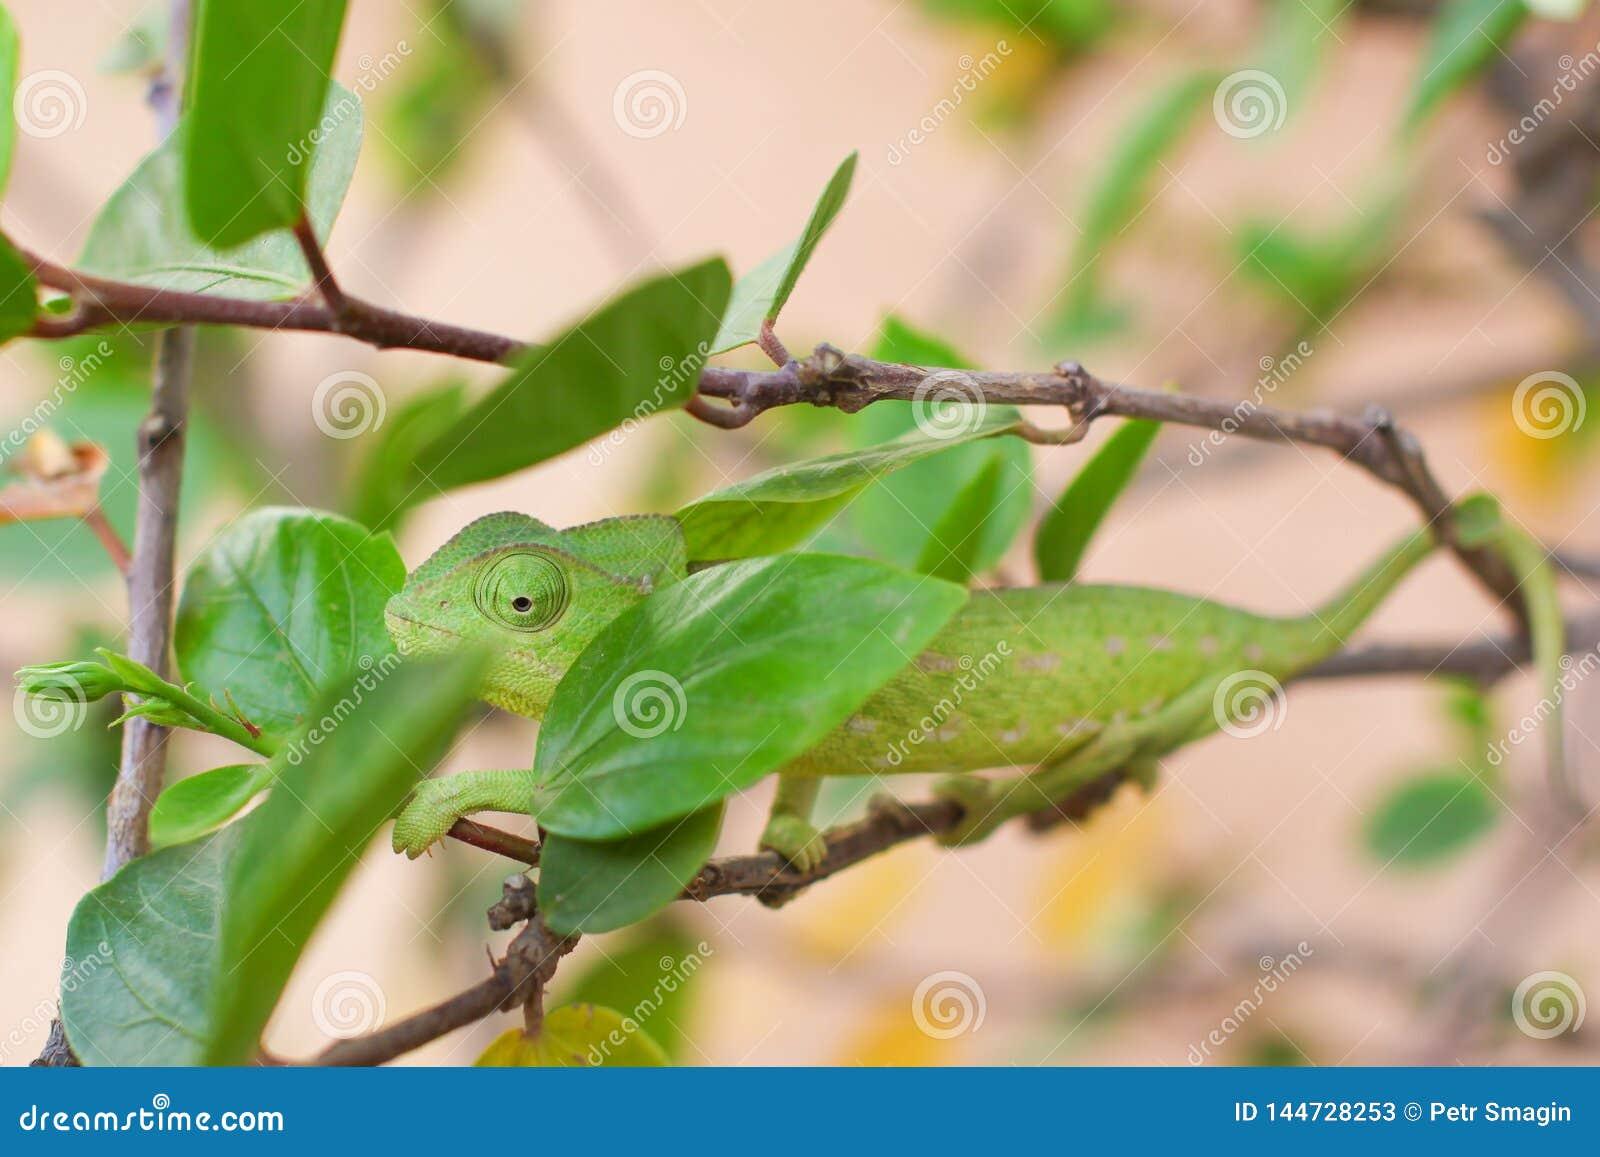 Zielony kameleonu czołganie na gałąź krzak z zielenią opuszcza na naturze